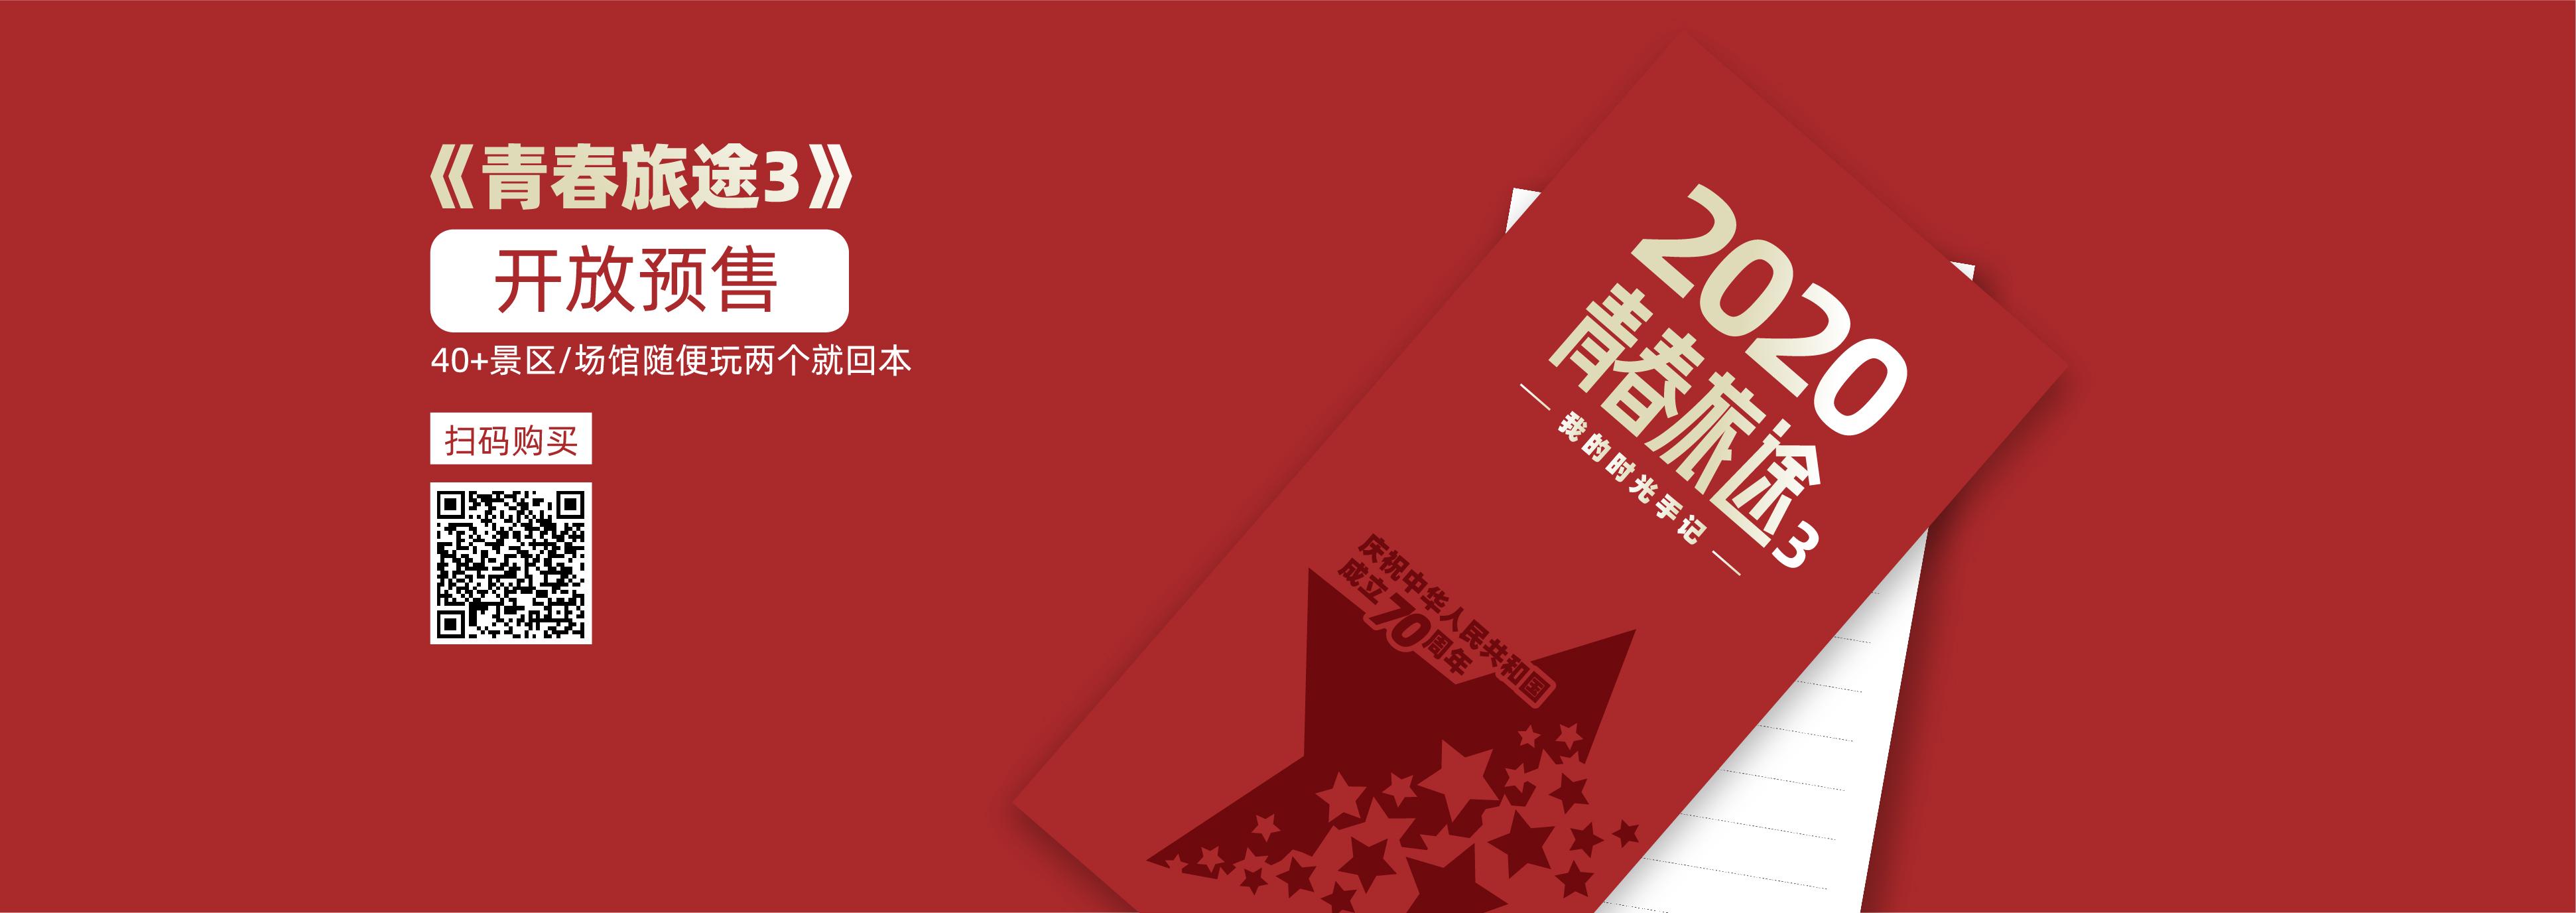 青旅3 网站海报-01